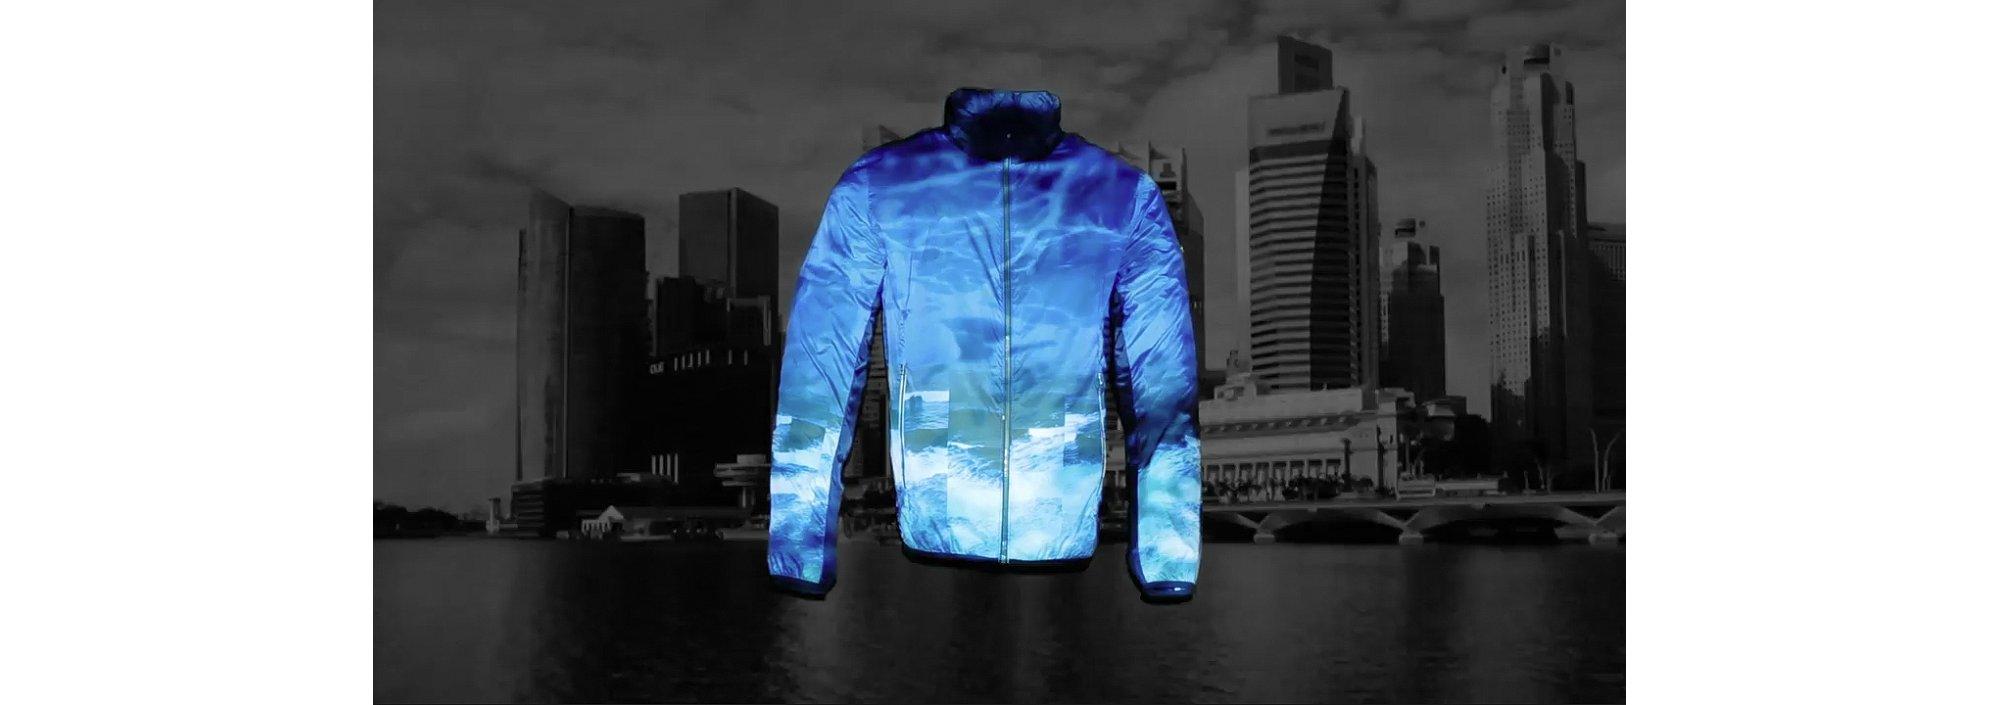 Video introducing blue Jocean jacket by BOSS Green